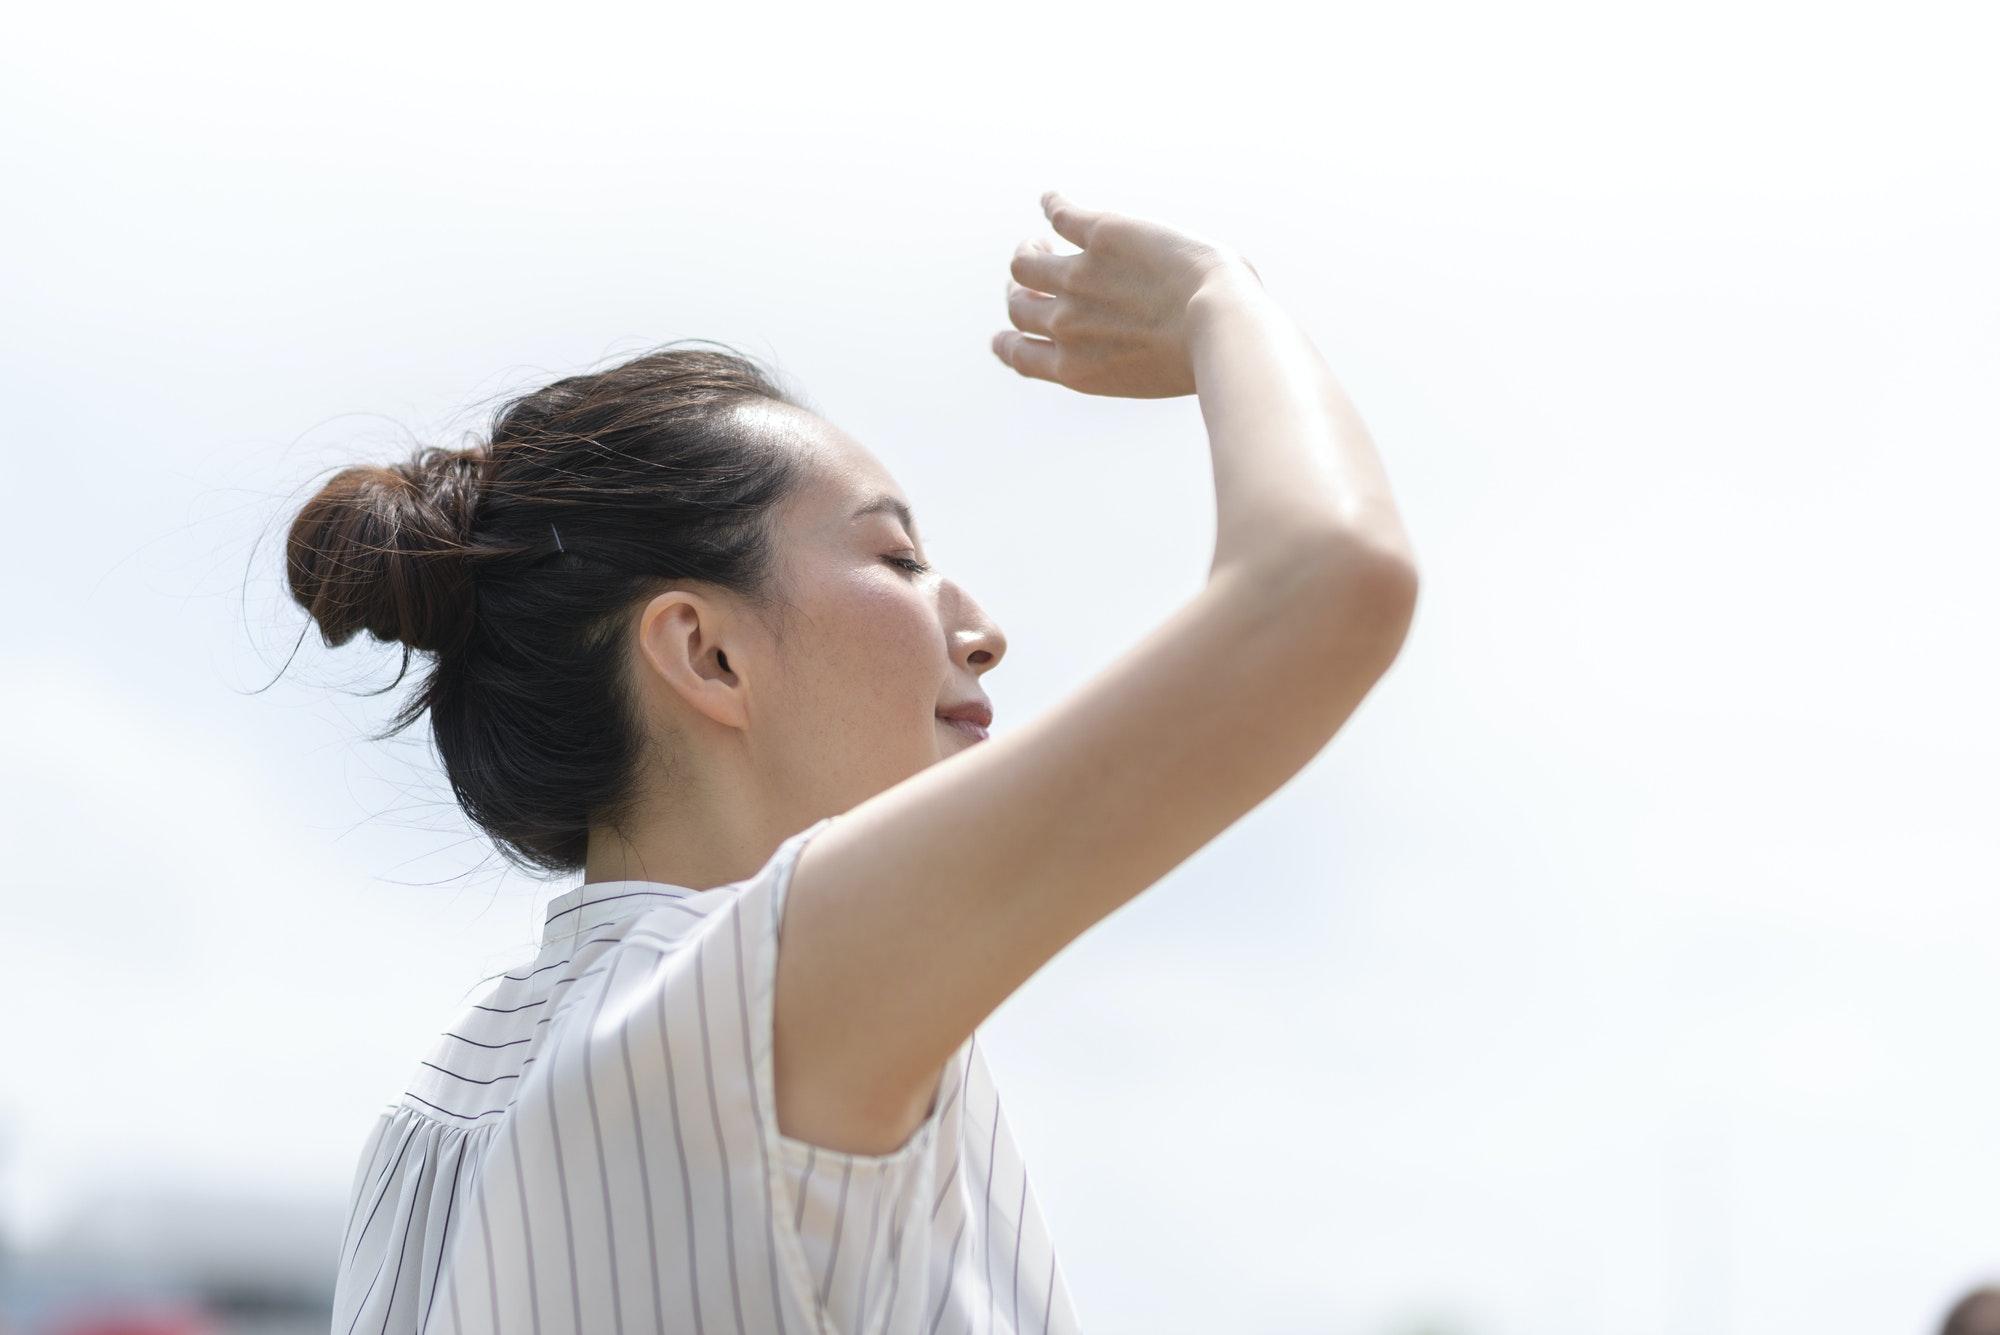 シミの主な原因は紫外線!できてしまったシミ対策と予防の方法